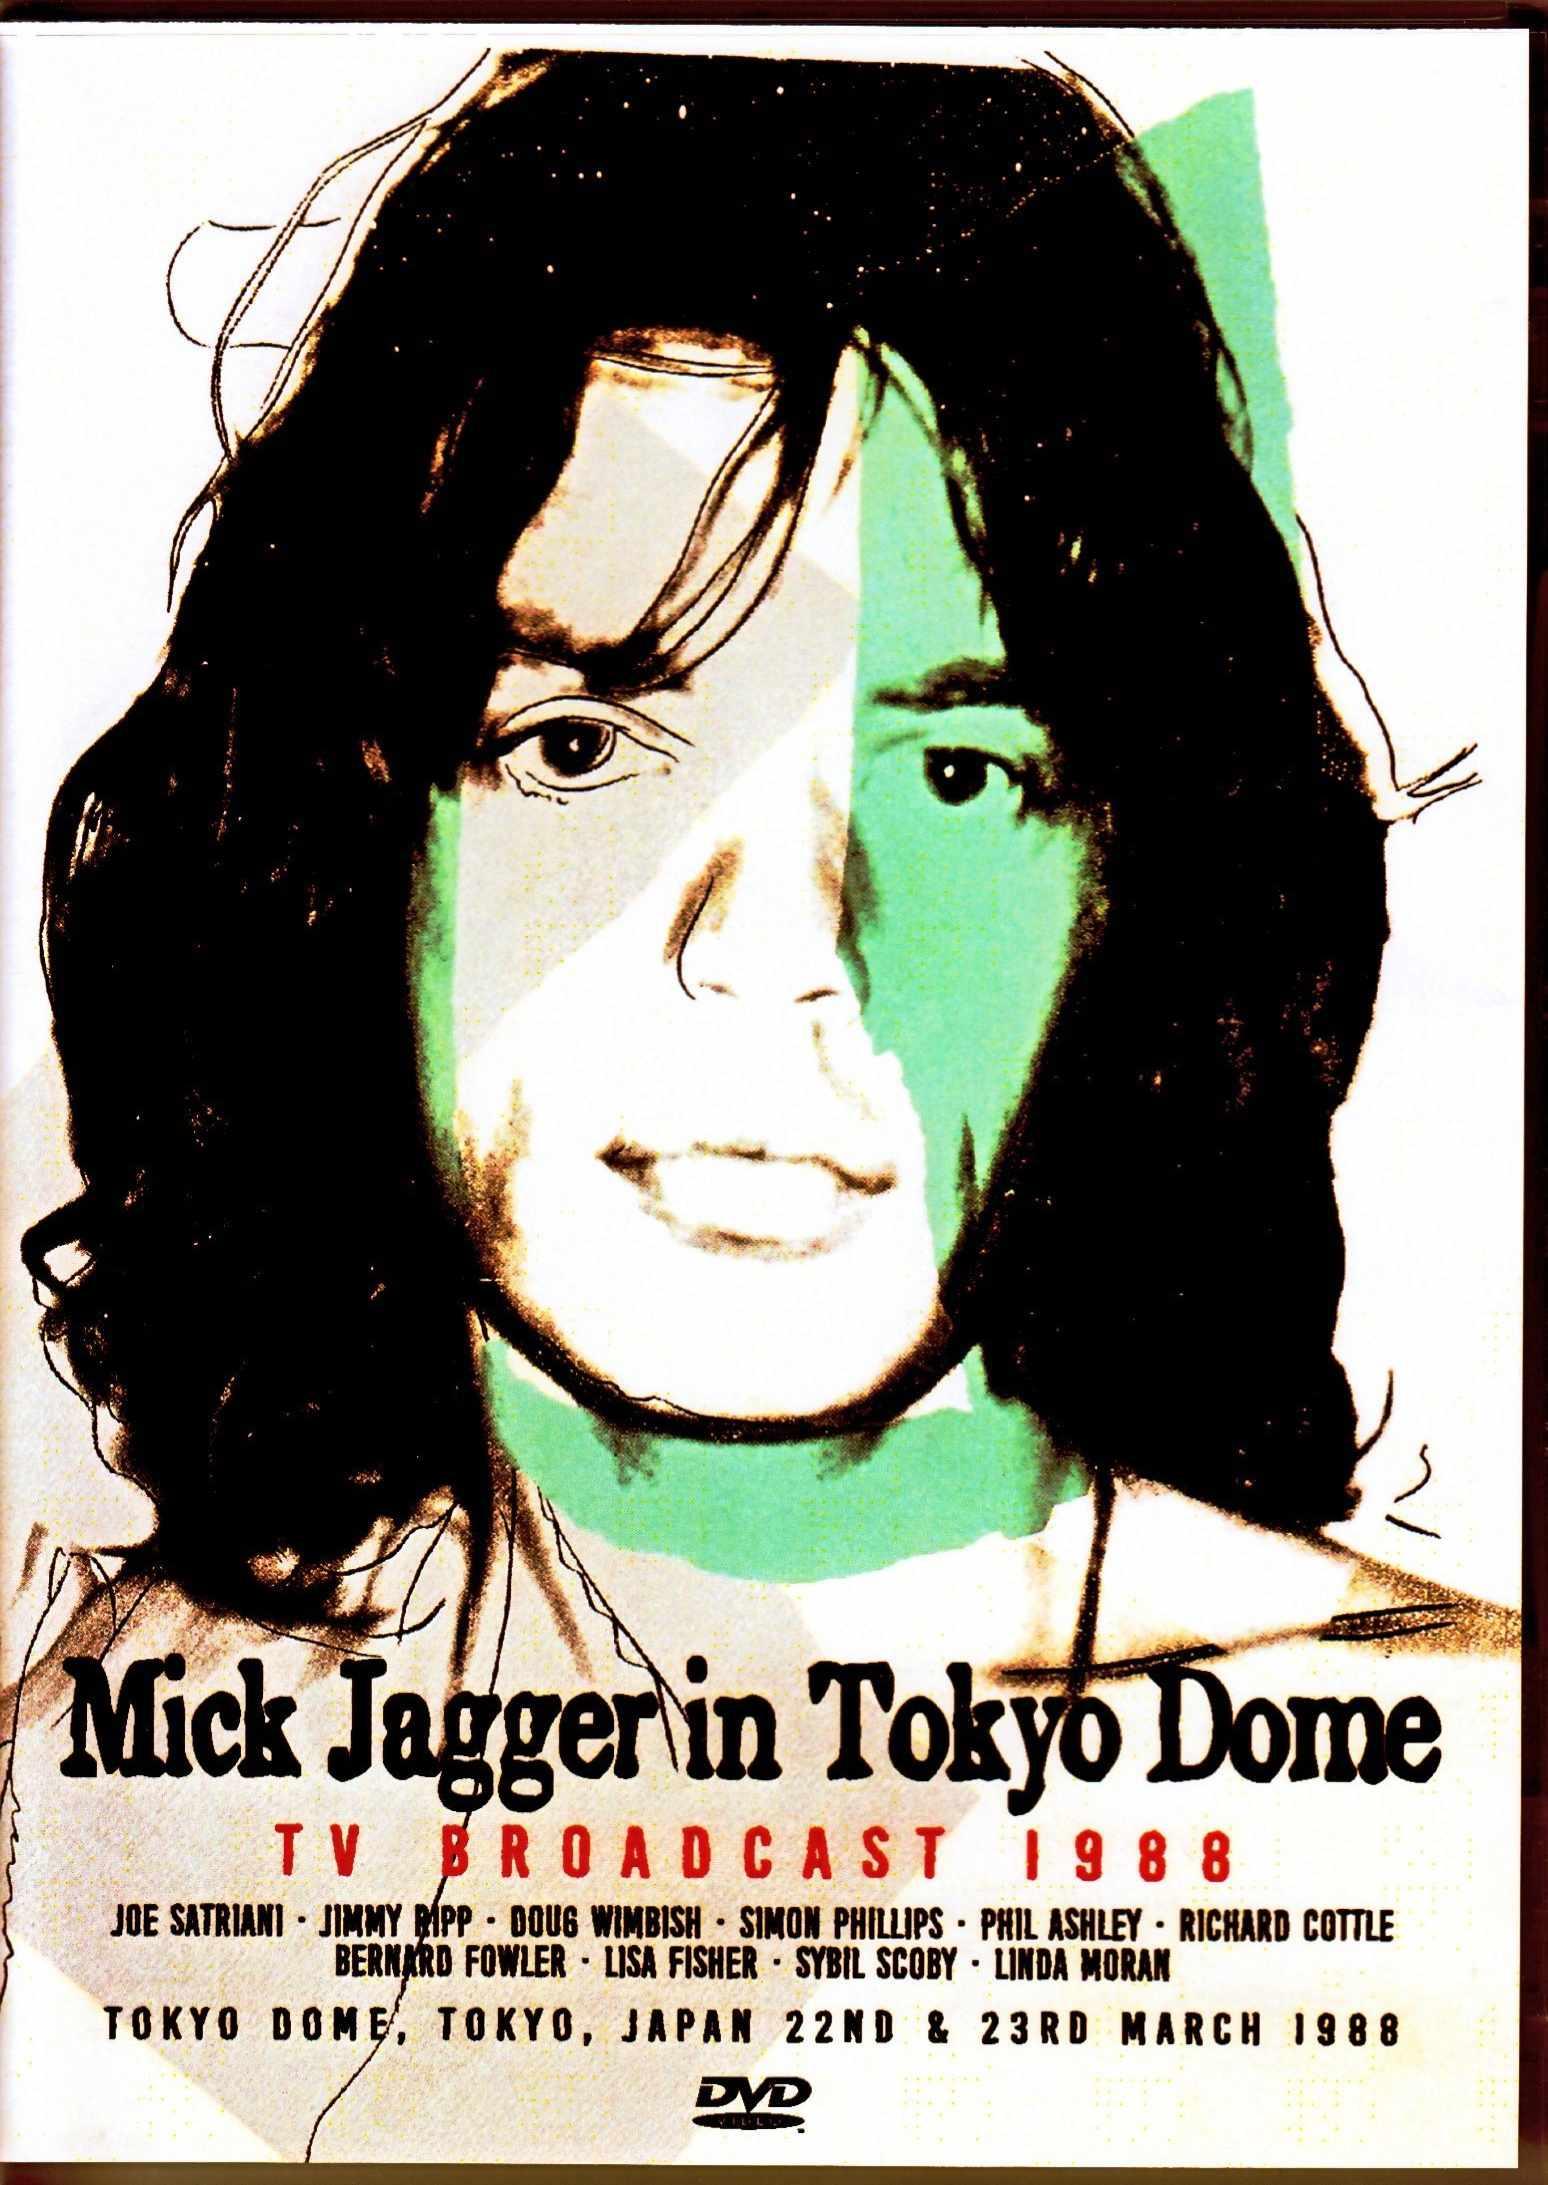 Mick Jagger ミック・ジャガー/ソロツアー 日本東京ドーム公演 1988 2日間 放送完全版